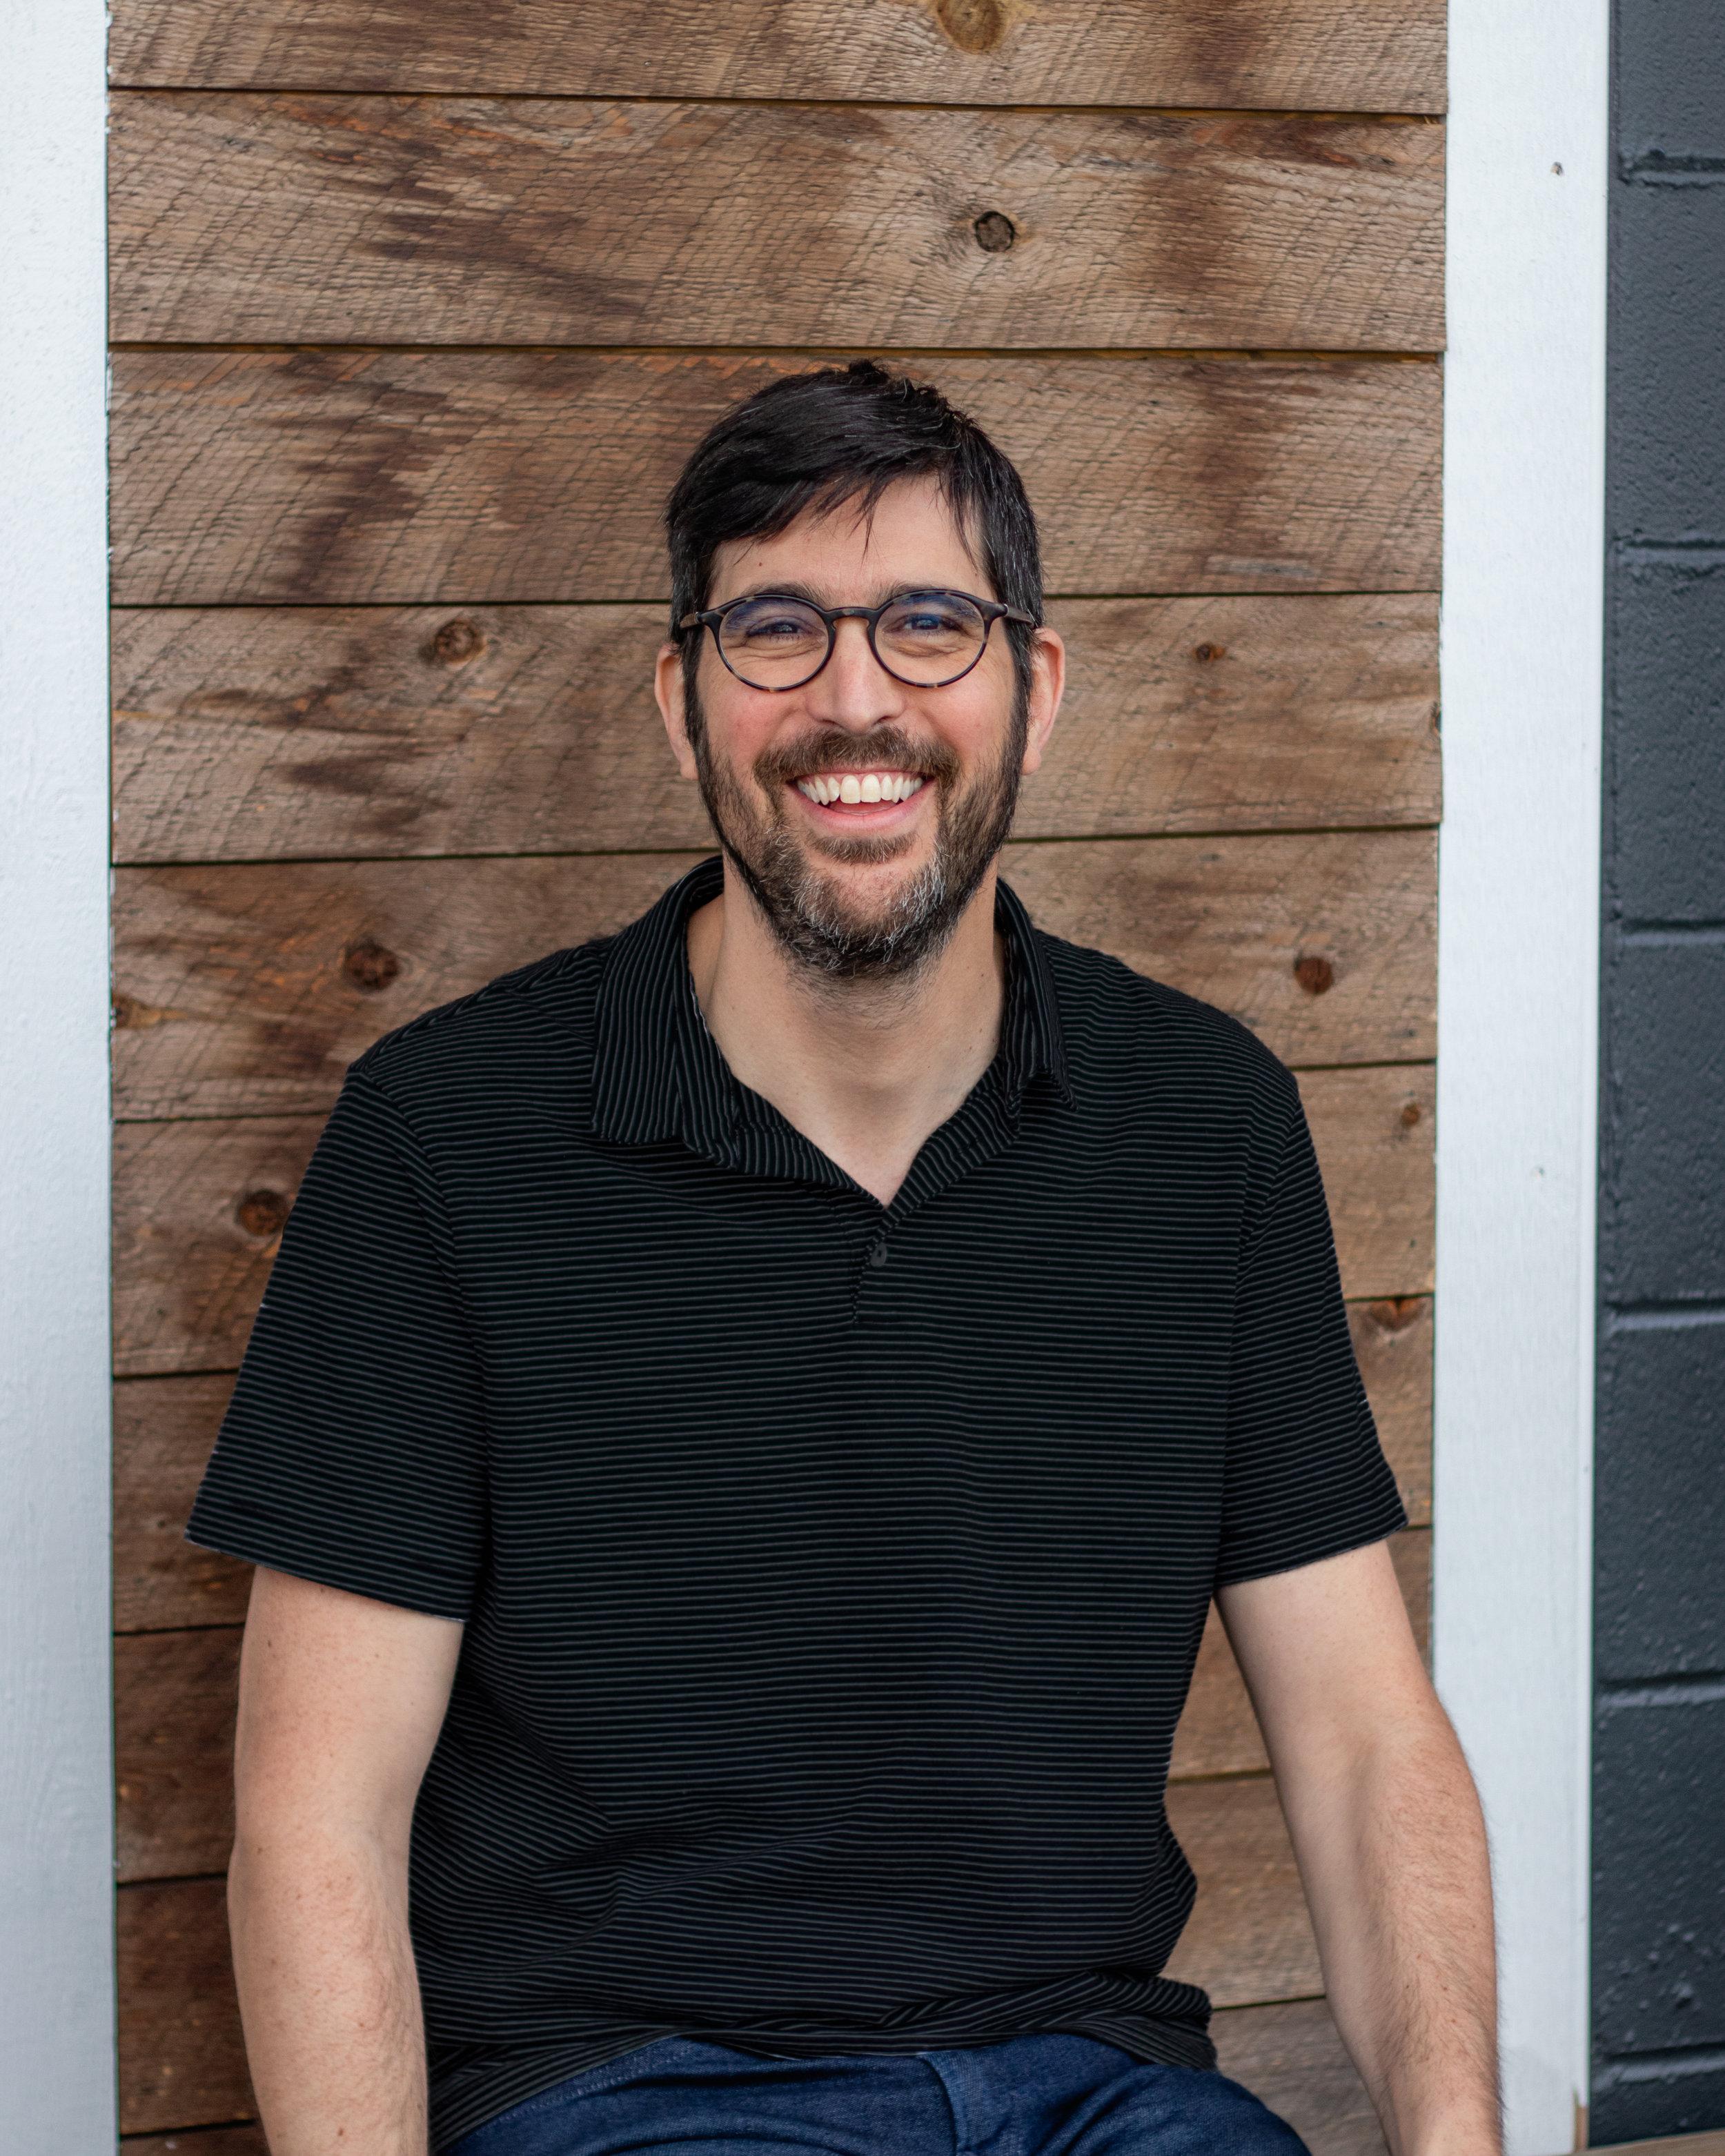 Matthew Wasse - AIA - Principal Architect